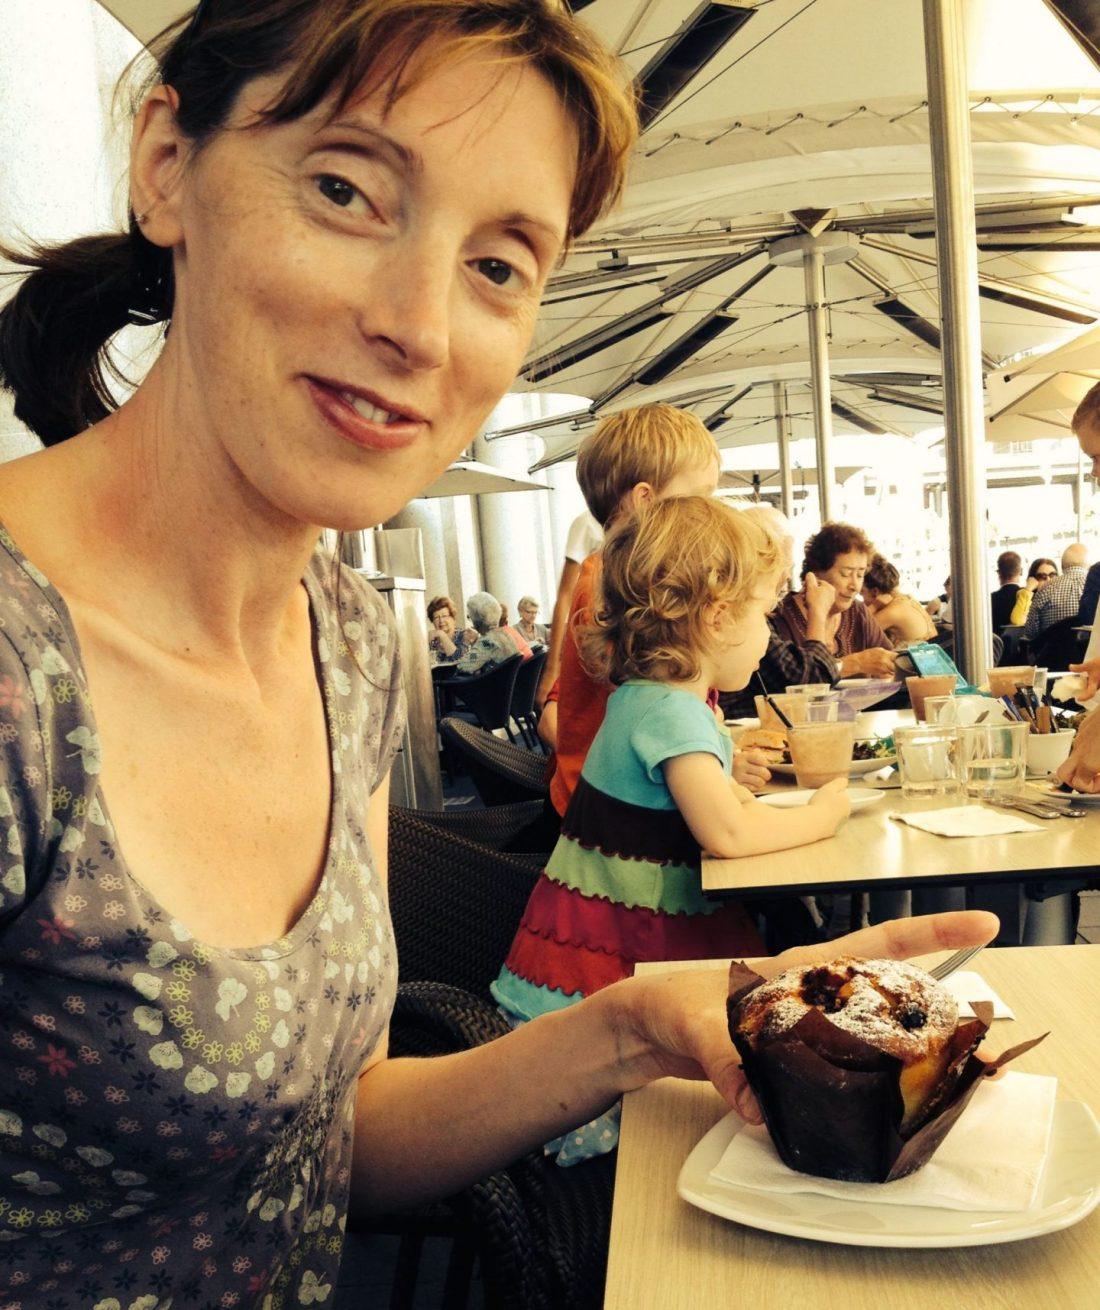 Raspberry muffin from Guylian Cafe, Circular Quay, Sydney